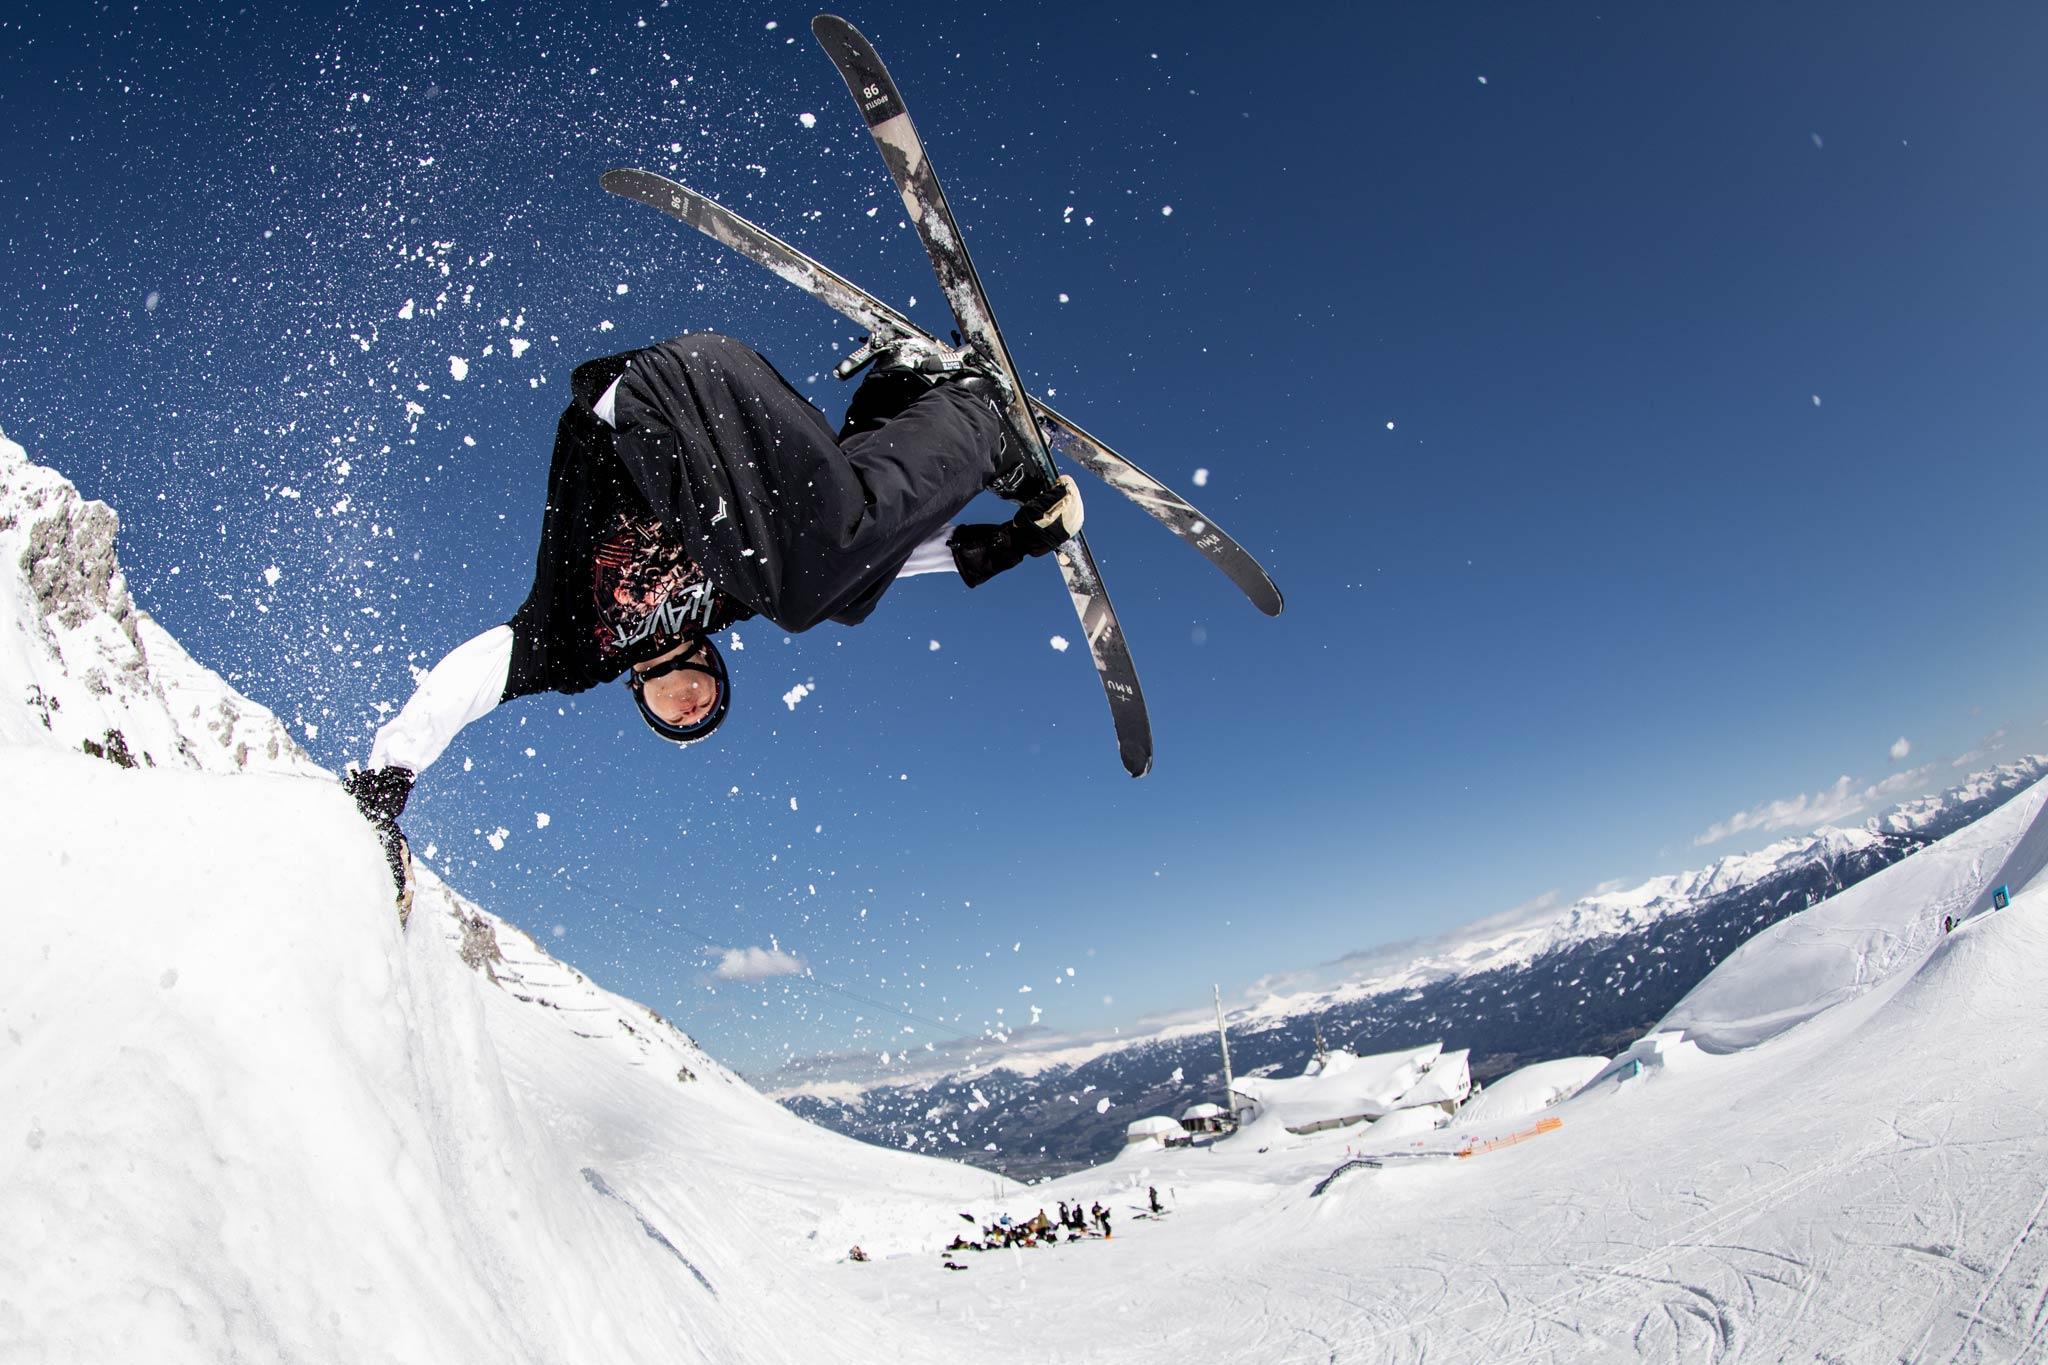 Rider: Basti Hein - Foto: Patrick Steiner